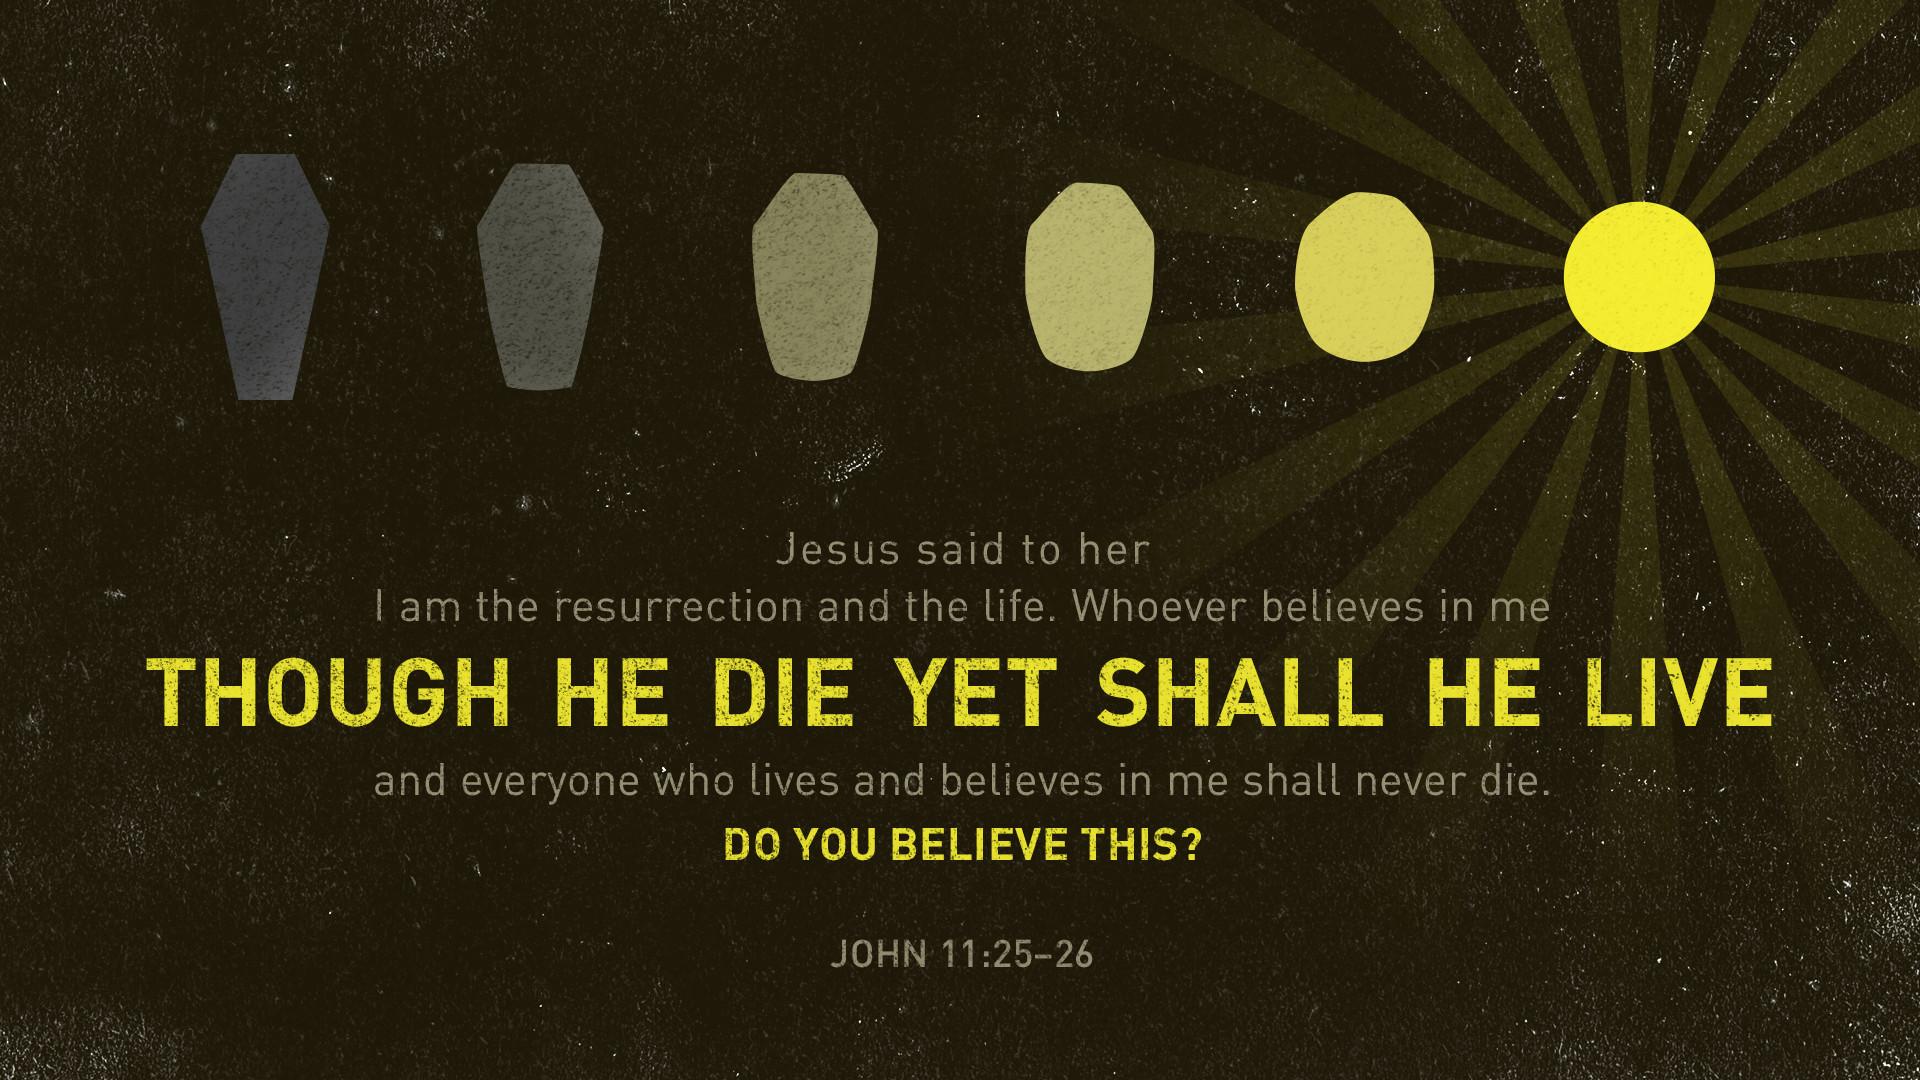 John 11;25-26